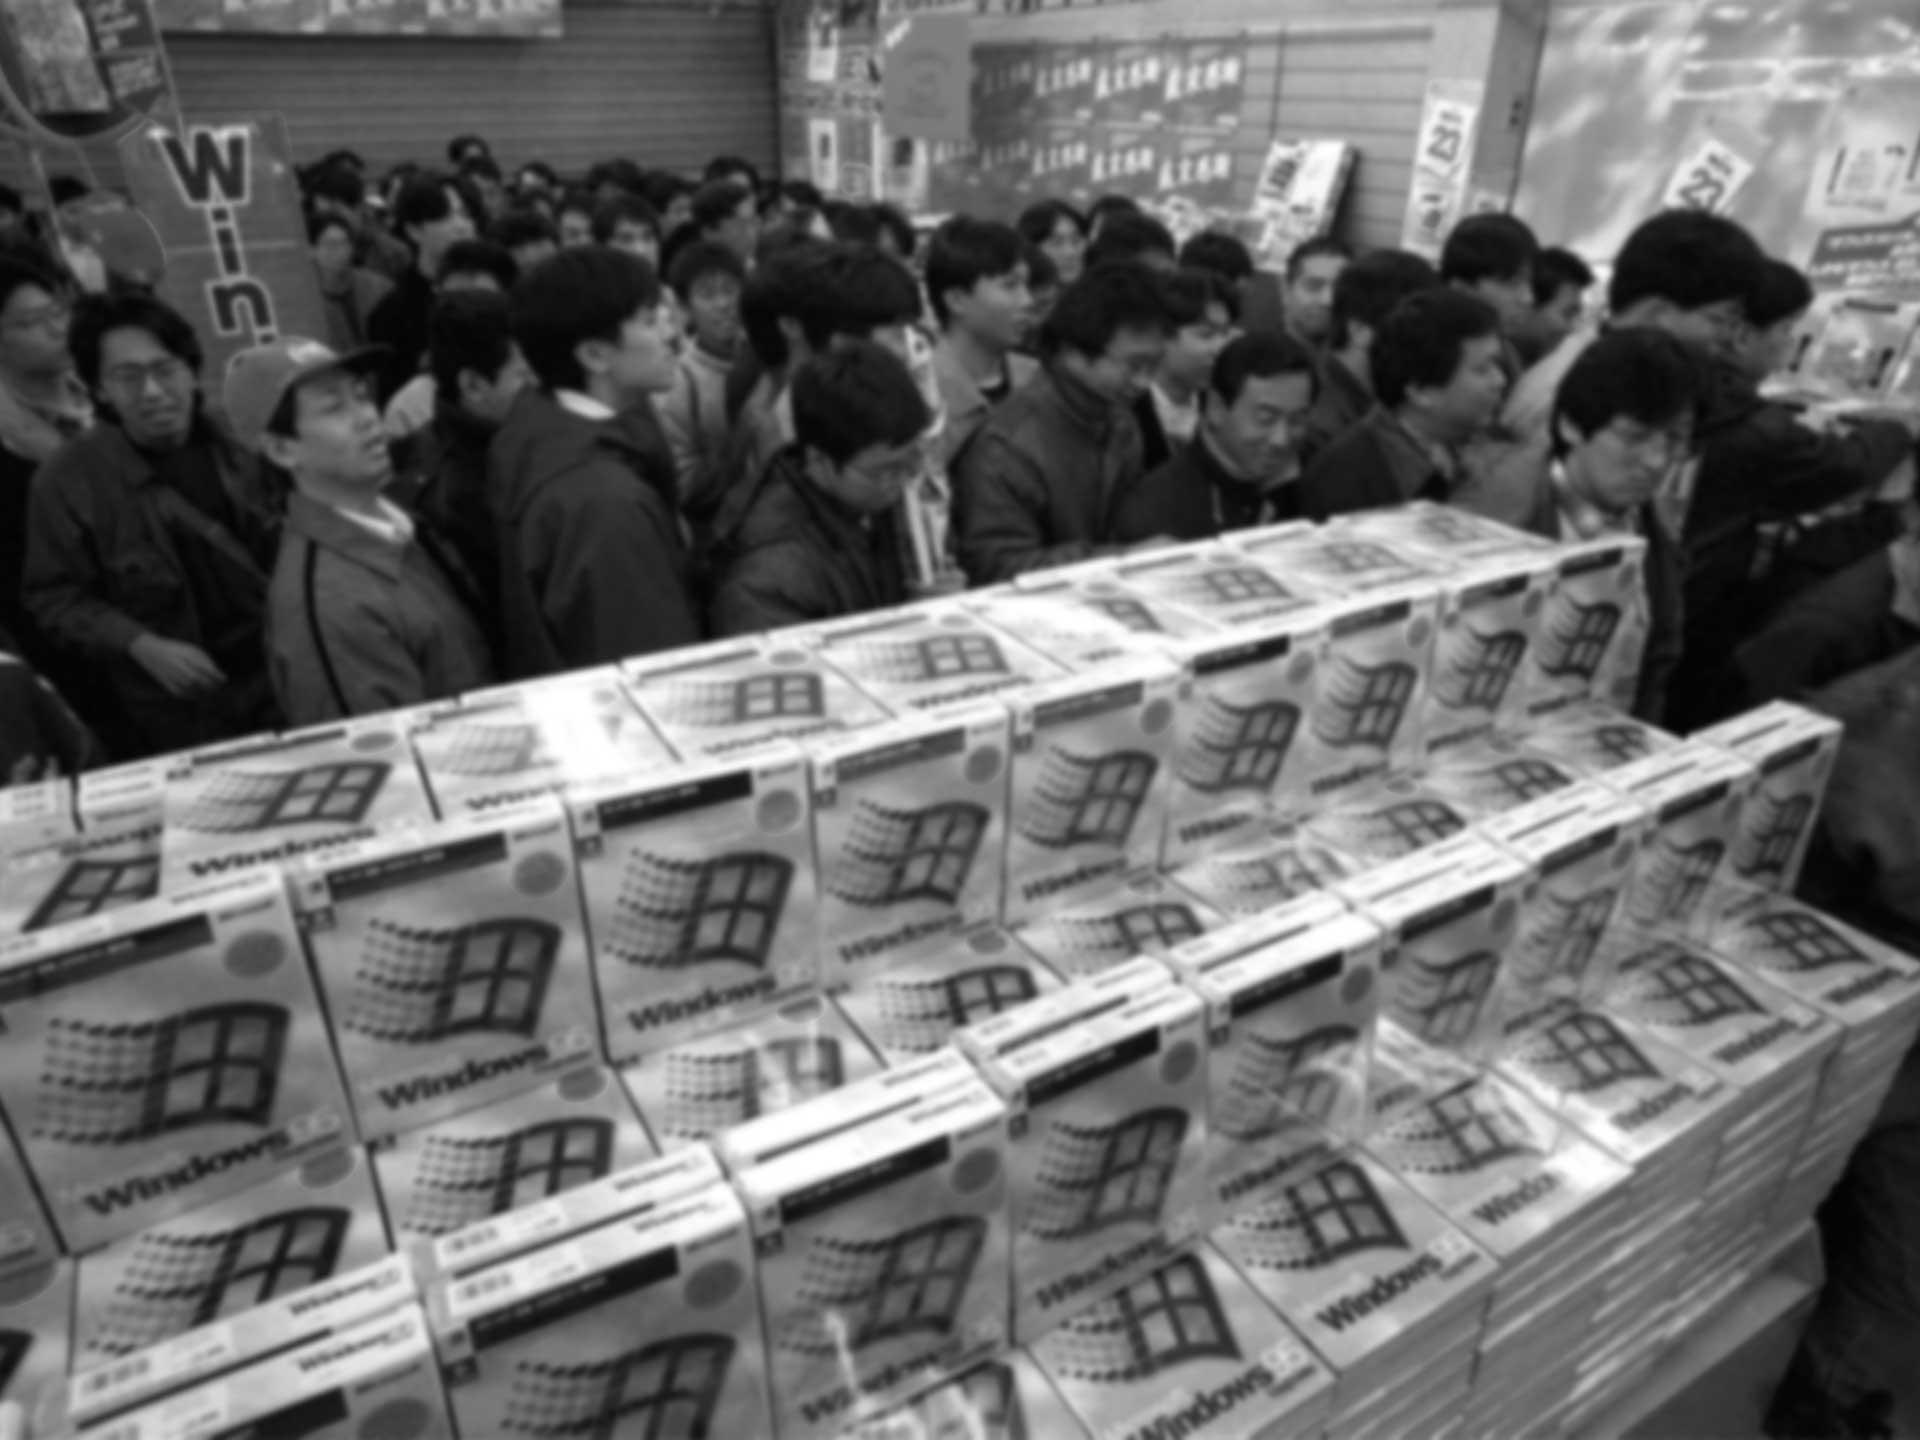 1995年、「ウィンドウズ95」の発売を待つ人たち